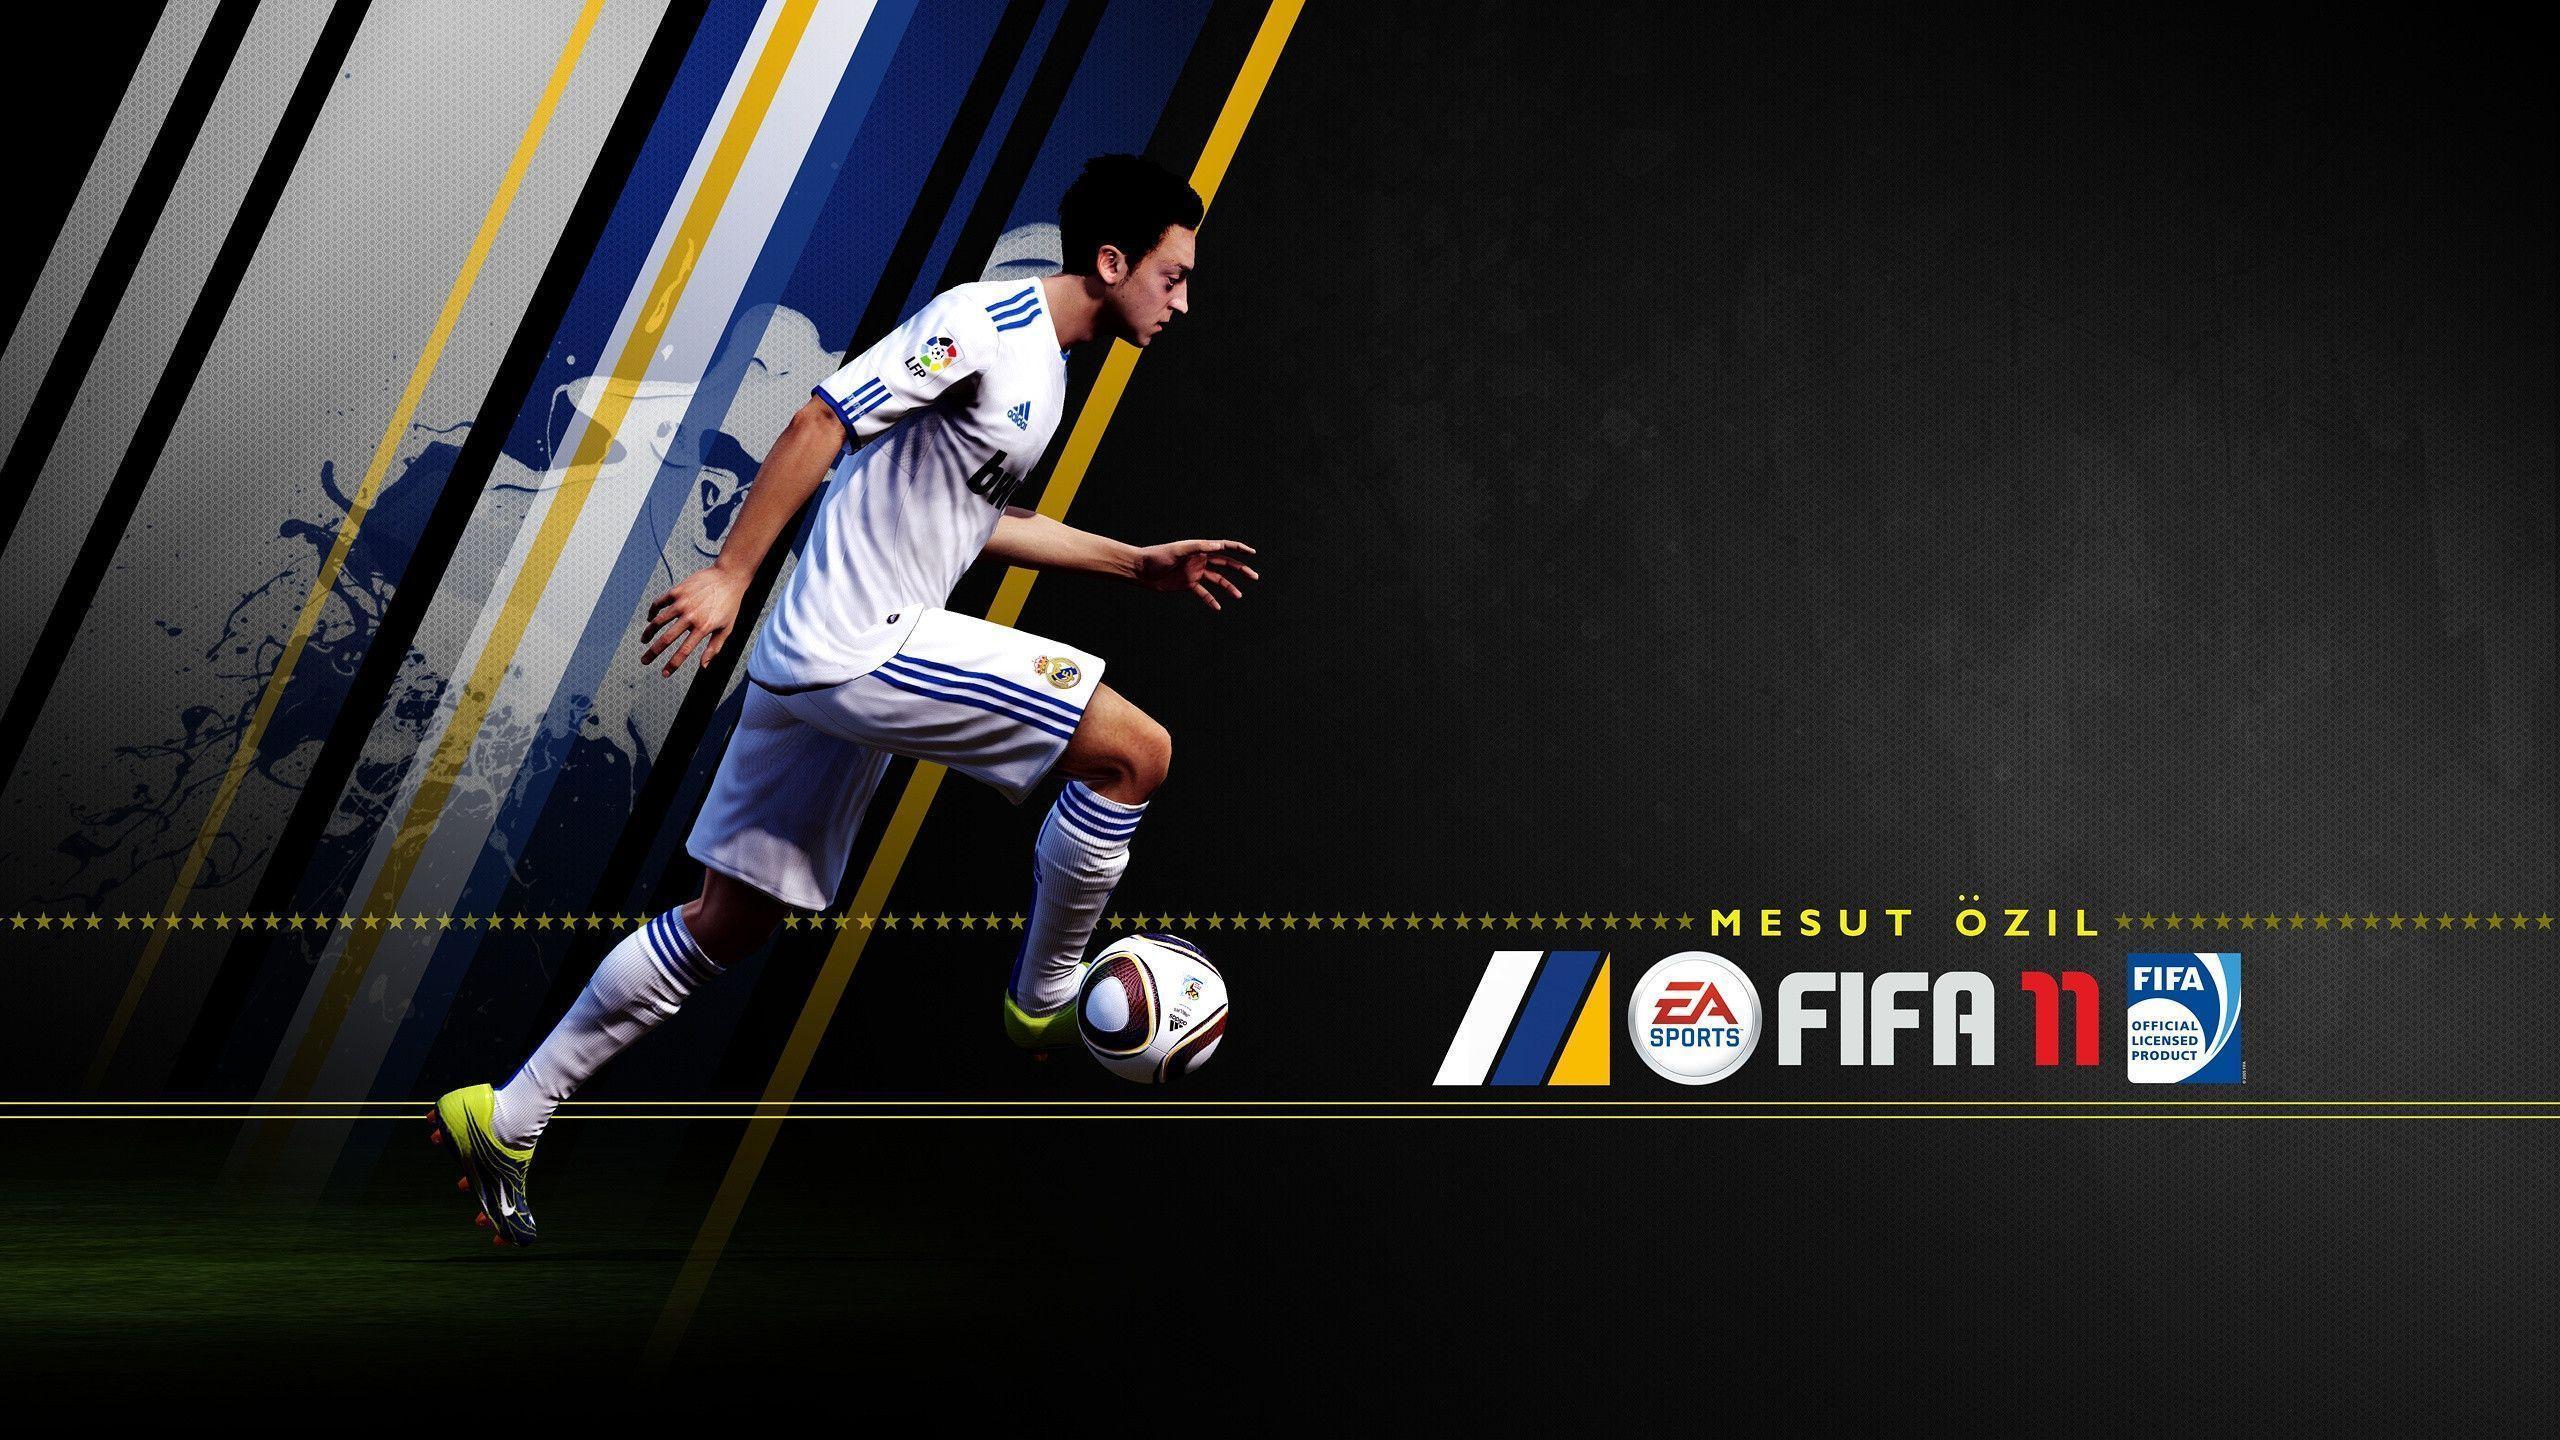 FIFA 11 HD Wallpapers Premium - Taringa!